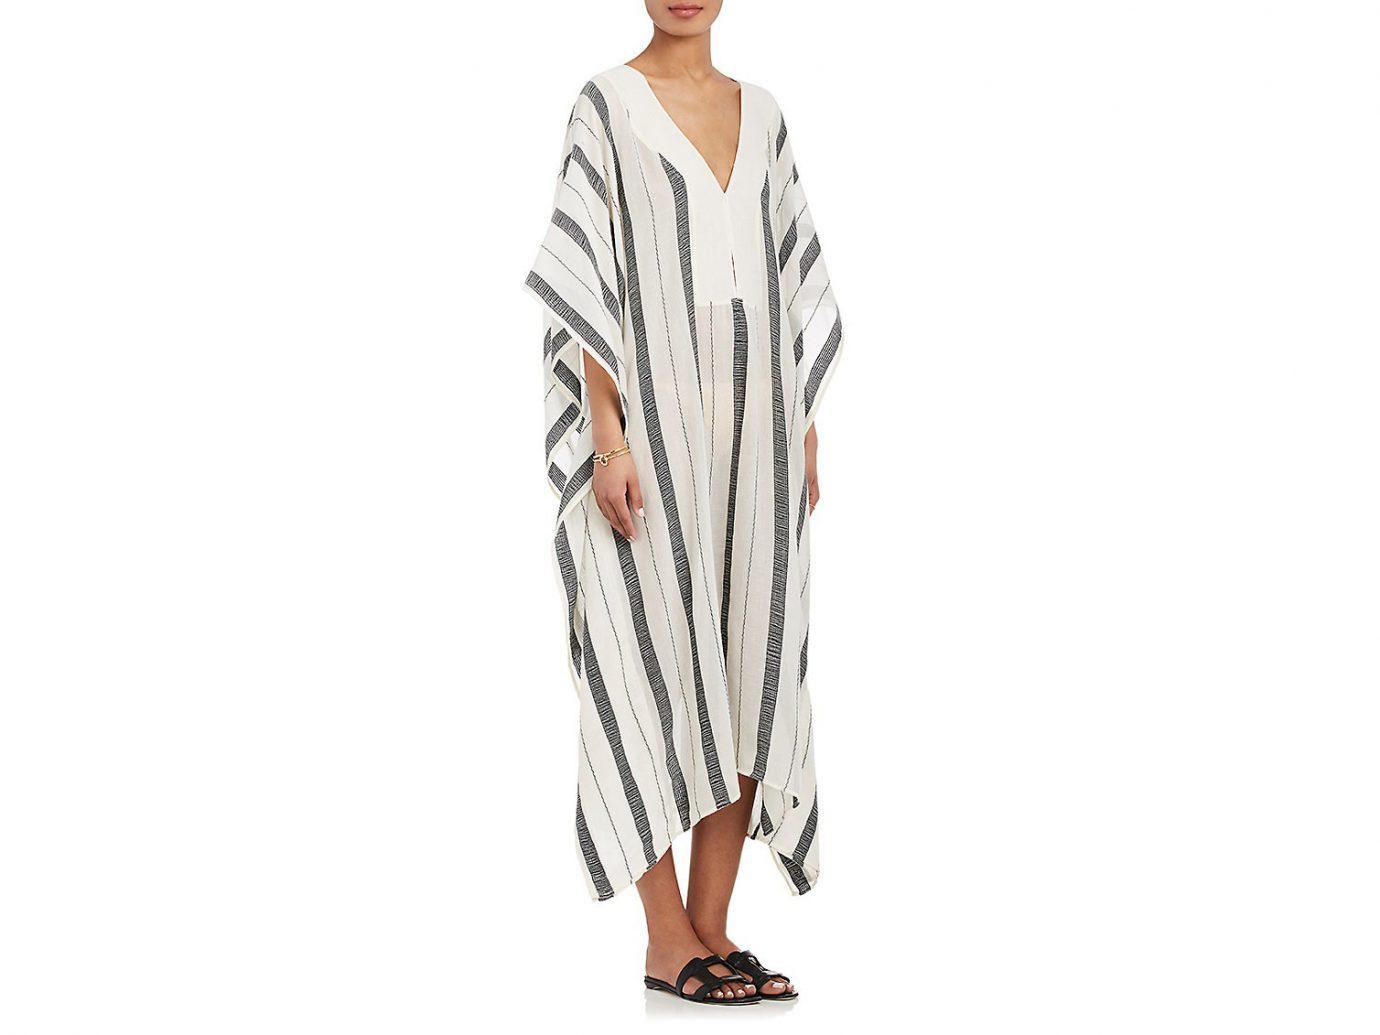 SU Banyan Striped Cotton Kaftan